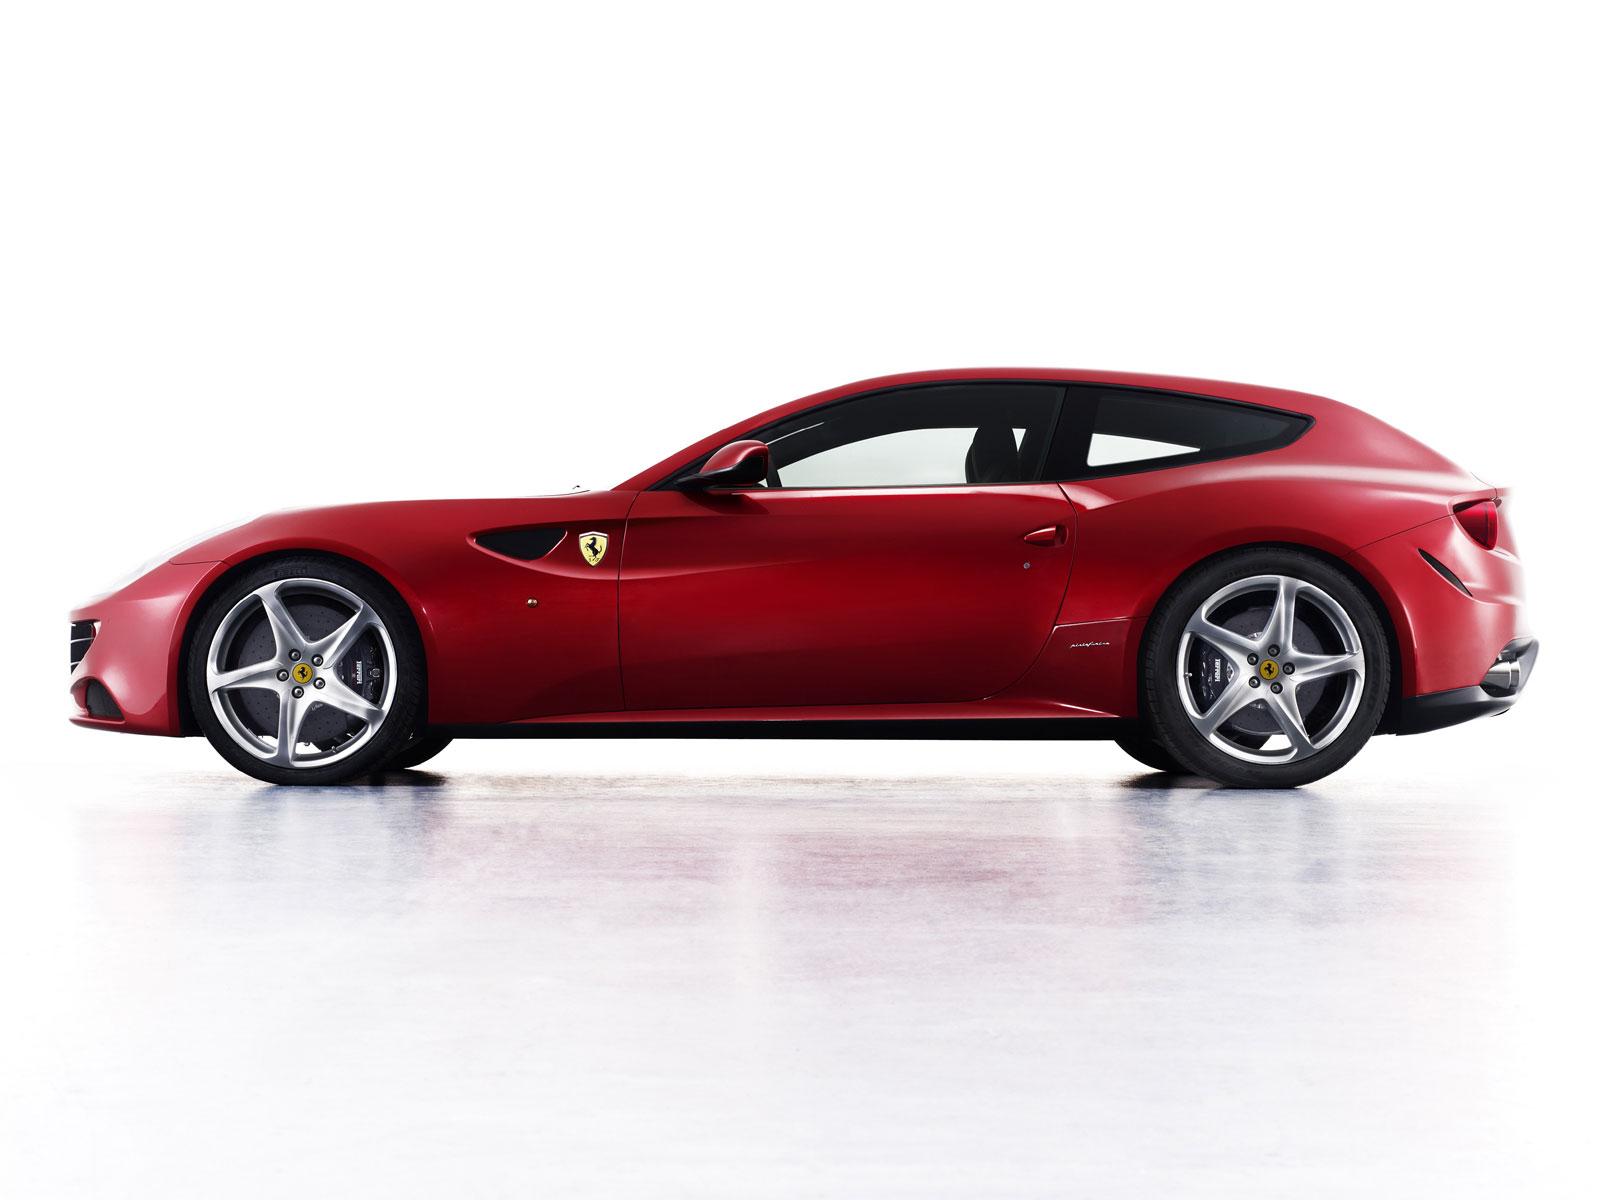 2011 Ferrari Ff Autoguru Katalog At